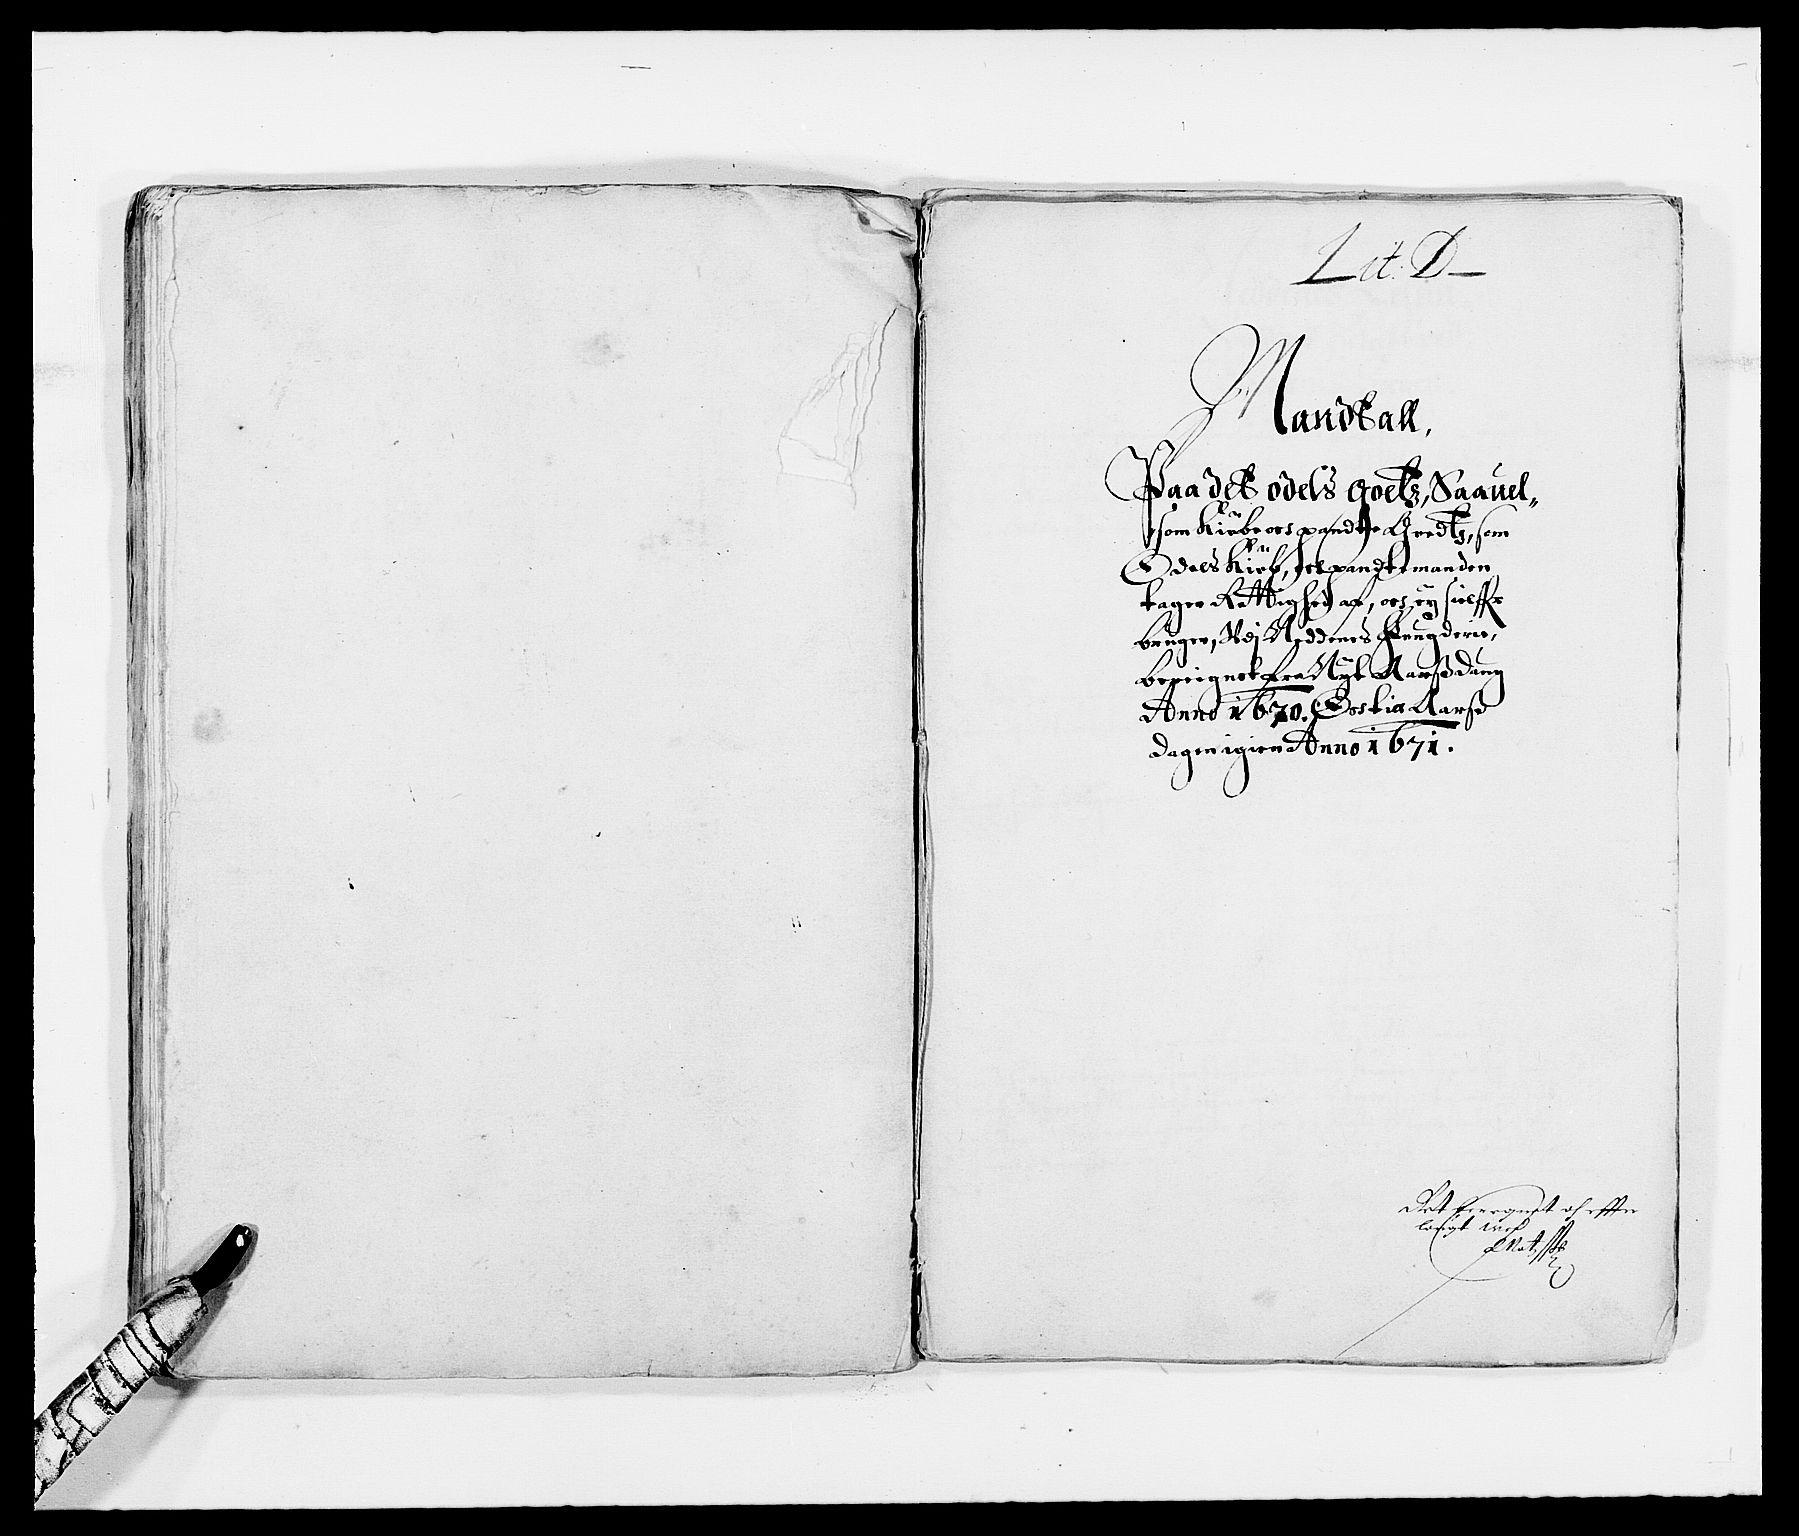 RA, Rentekammeret inntil 1814, Reviderte regnskaper, Fogderegnskap, R39/L2299: Fogderegnskap Nedenes, 1670-1671, s. 118